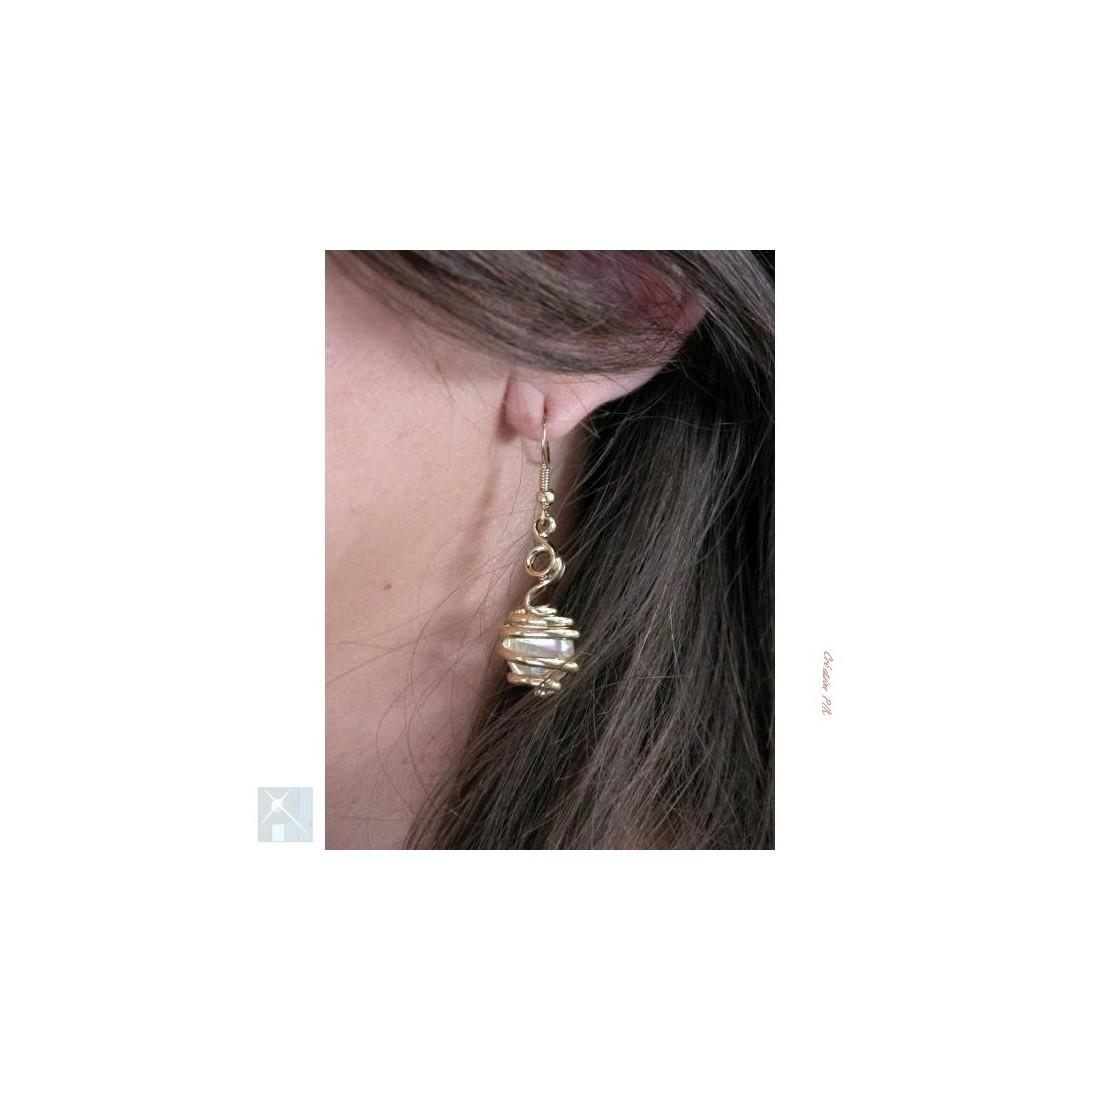 Boucles d'oreilles dorées, transparentes.